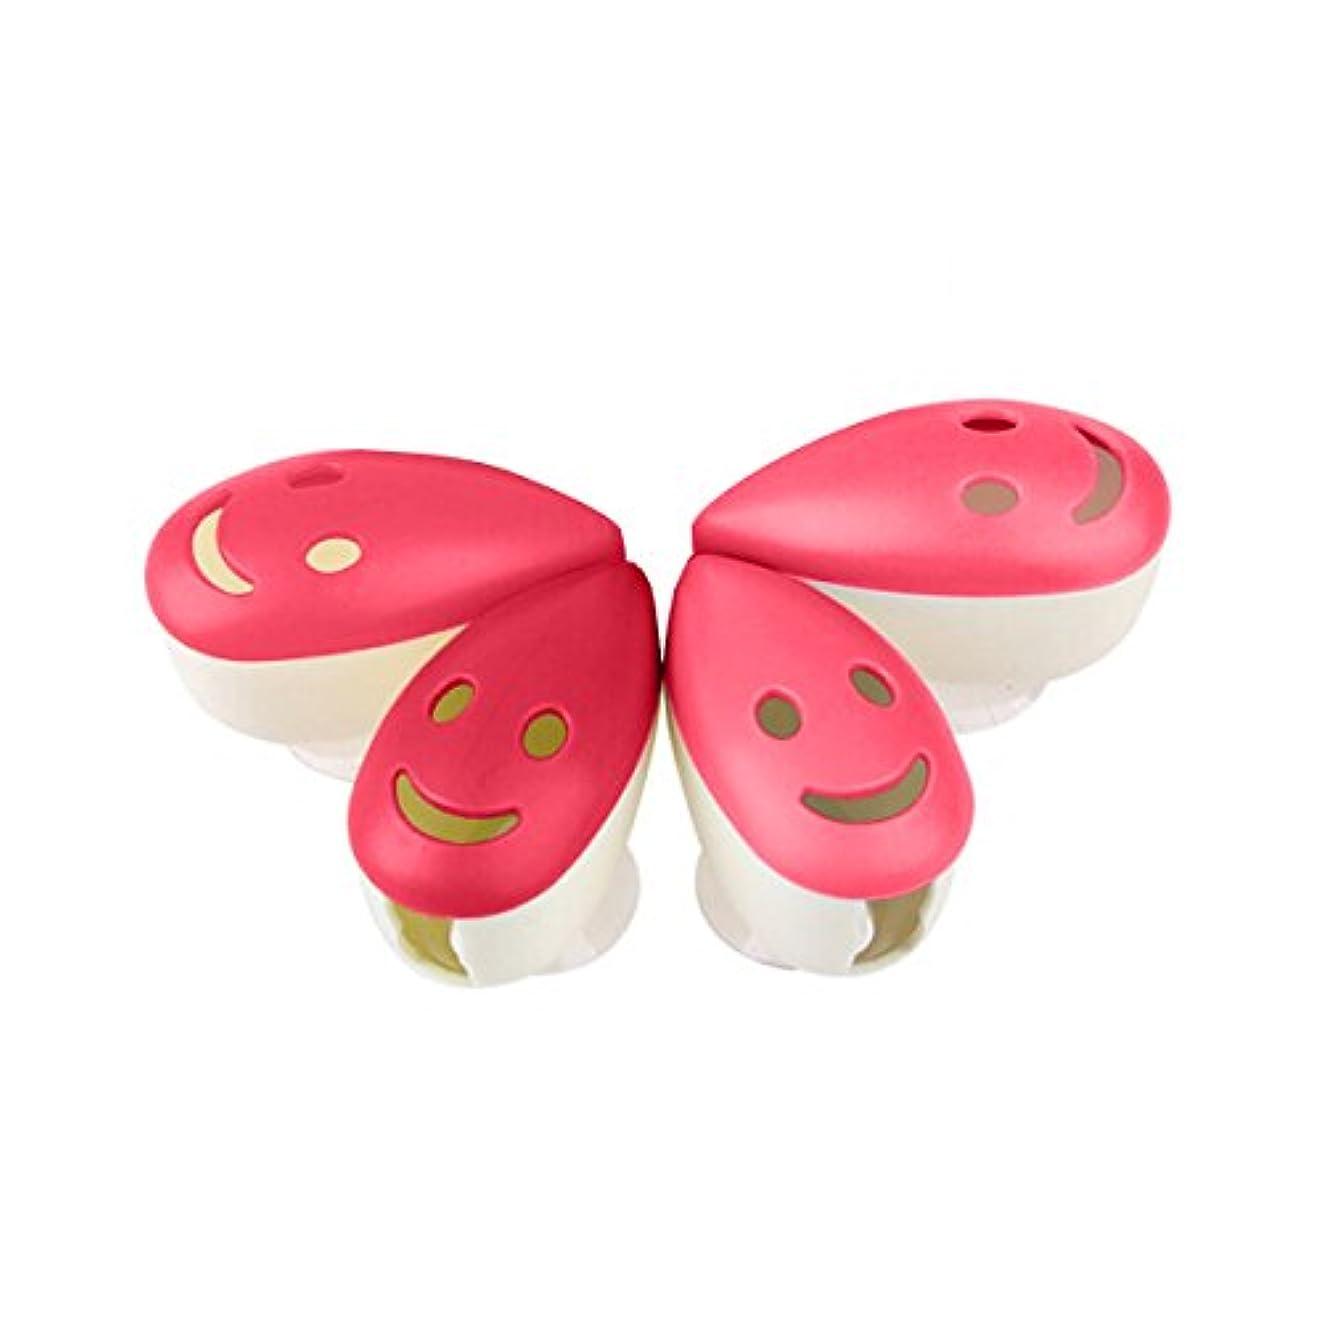 ポテトスリップシューズ小さいROSENICE 歯ブラシケース4個のスマイルフェイス抗菌歯ブラシホルダーサクションカップ(混合色)